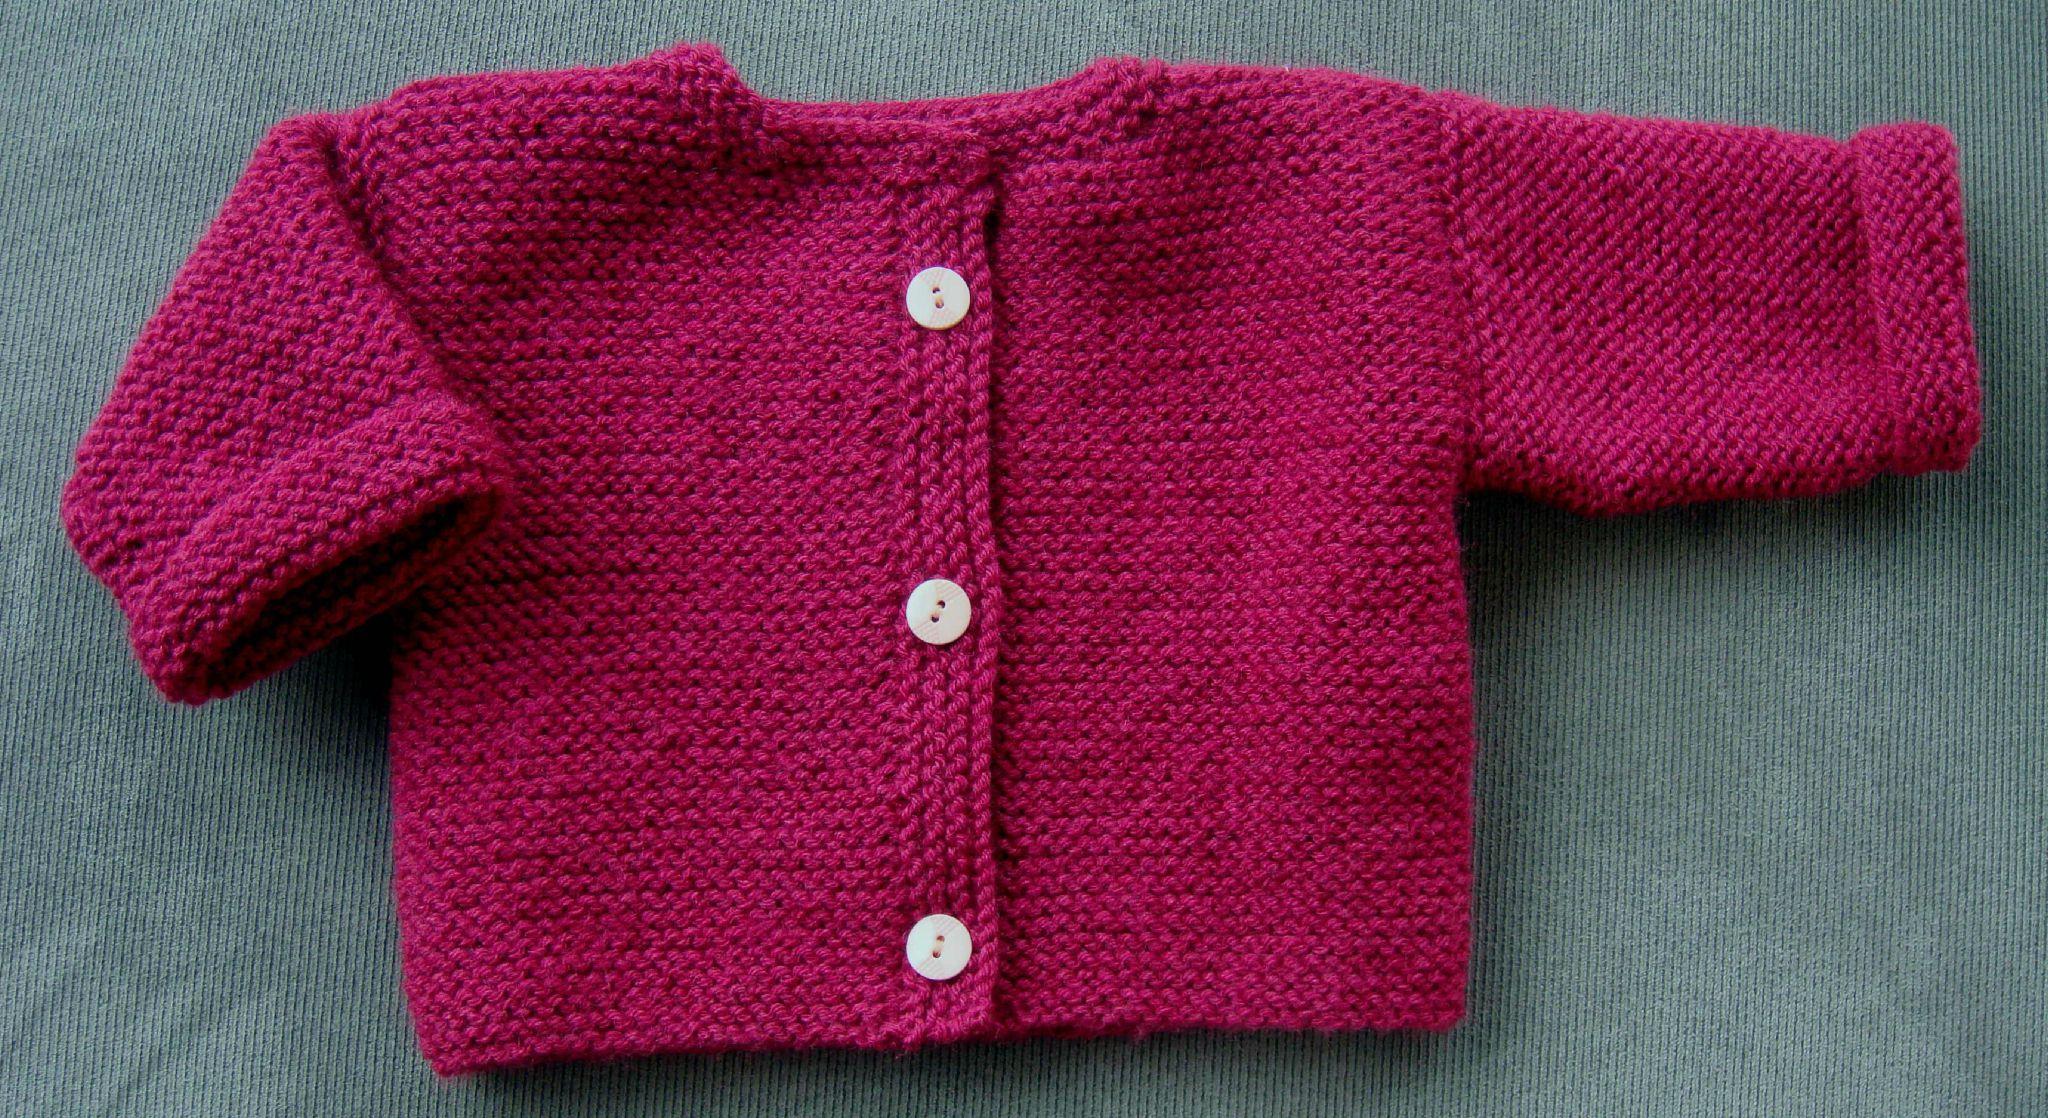 ede36aebc689b Je veux trouver un joli tricot pour mon bébé ou à offrir pas cher ICI Brassière  bébé tricot modele gratuit